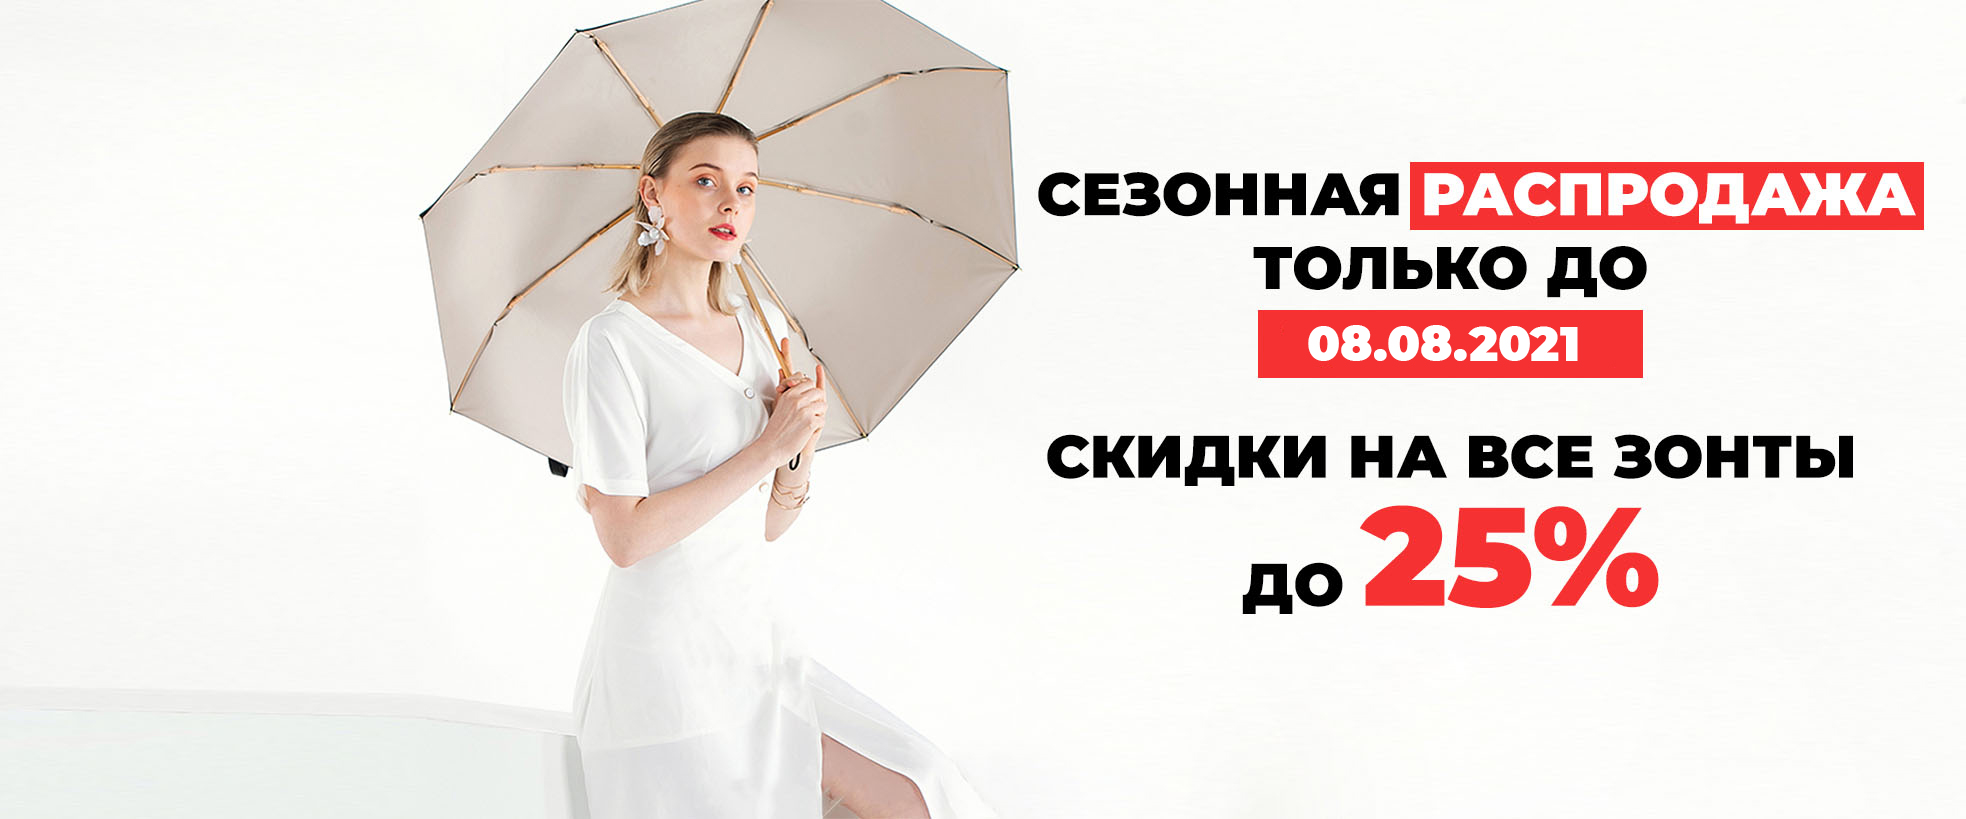 Акция на зонты